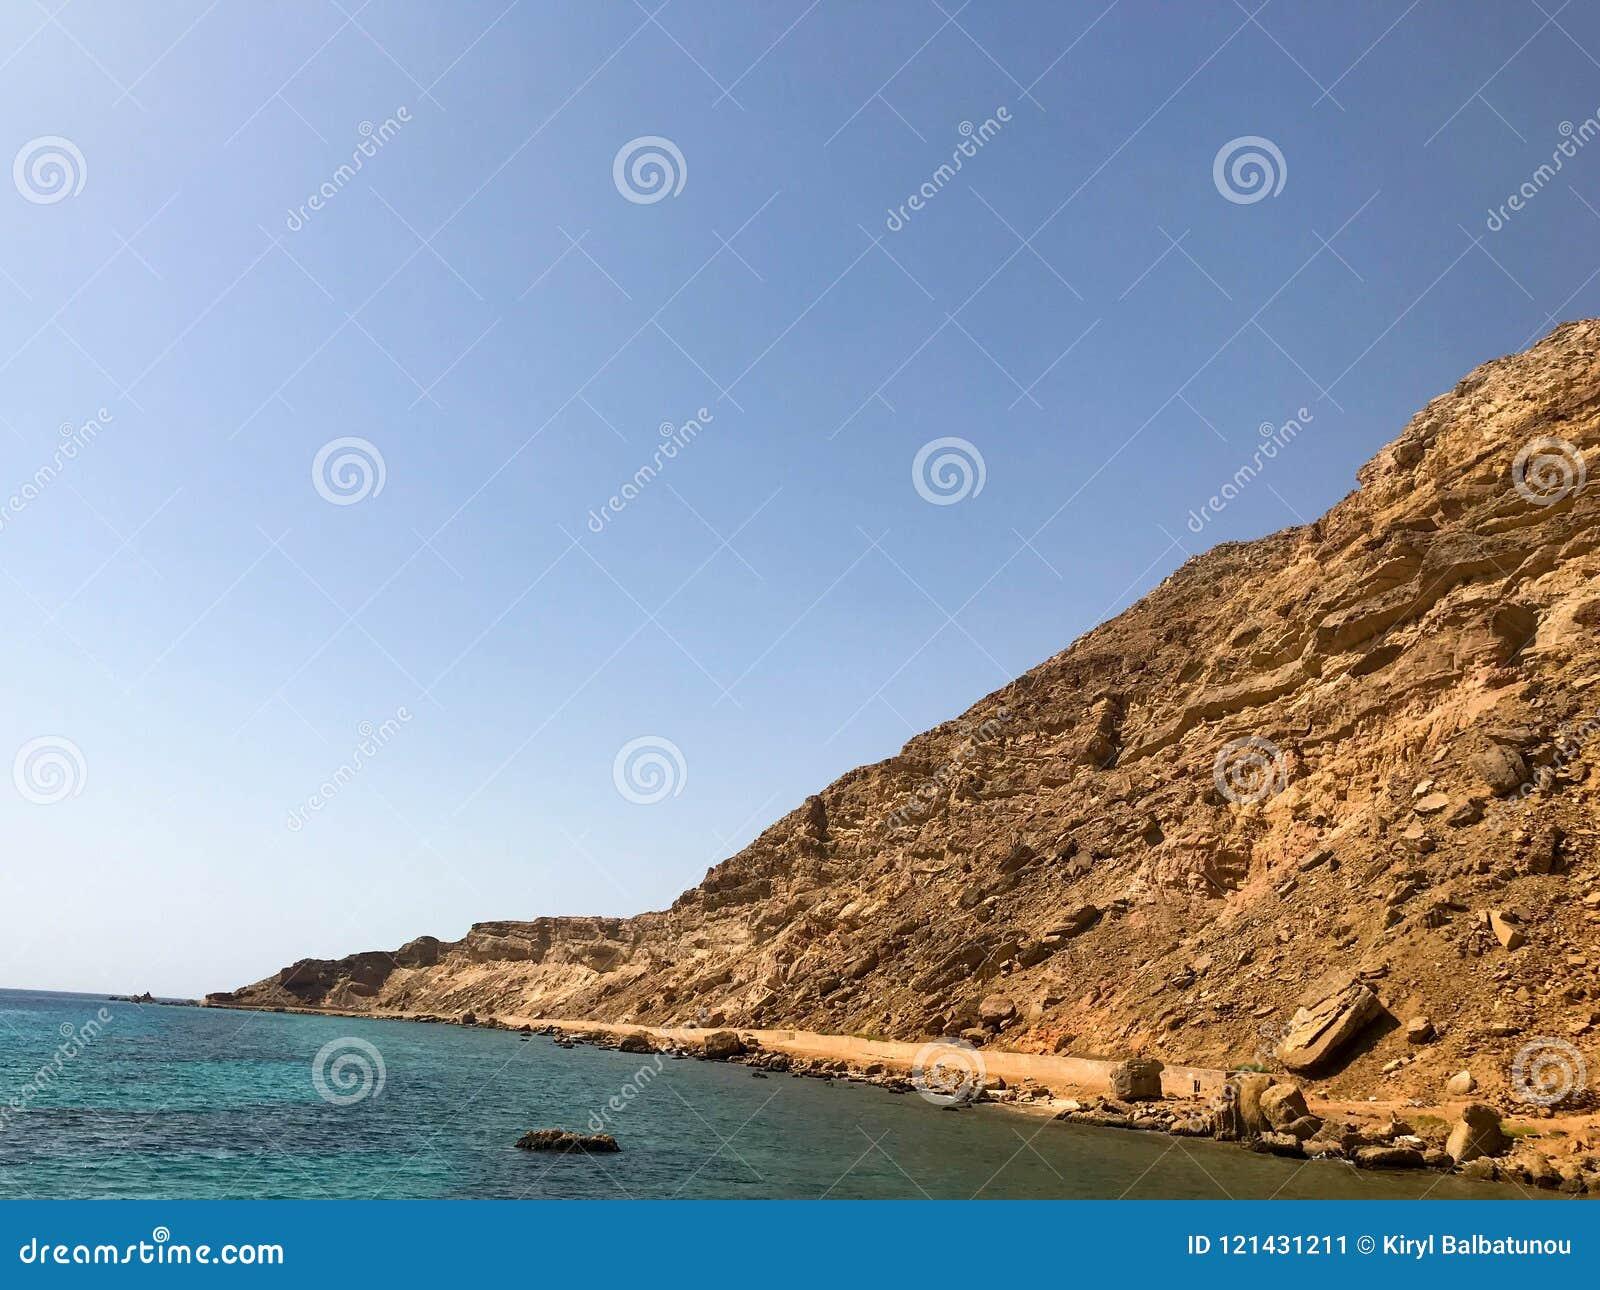 Ένα μεγάλο όμορφο μεγαλοπρεπές αμμώδες βουνό πετρών, ένα ανάχωμα, ένας λόφος, ένας λόφος στην έρημο ενάντια στο μπλε ουρανό και α